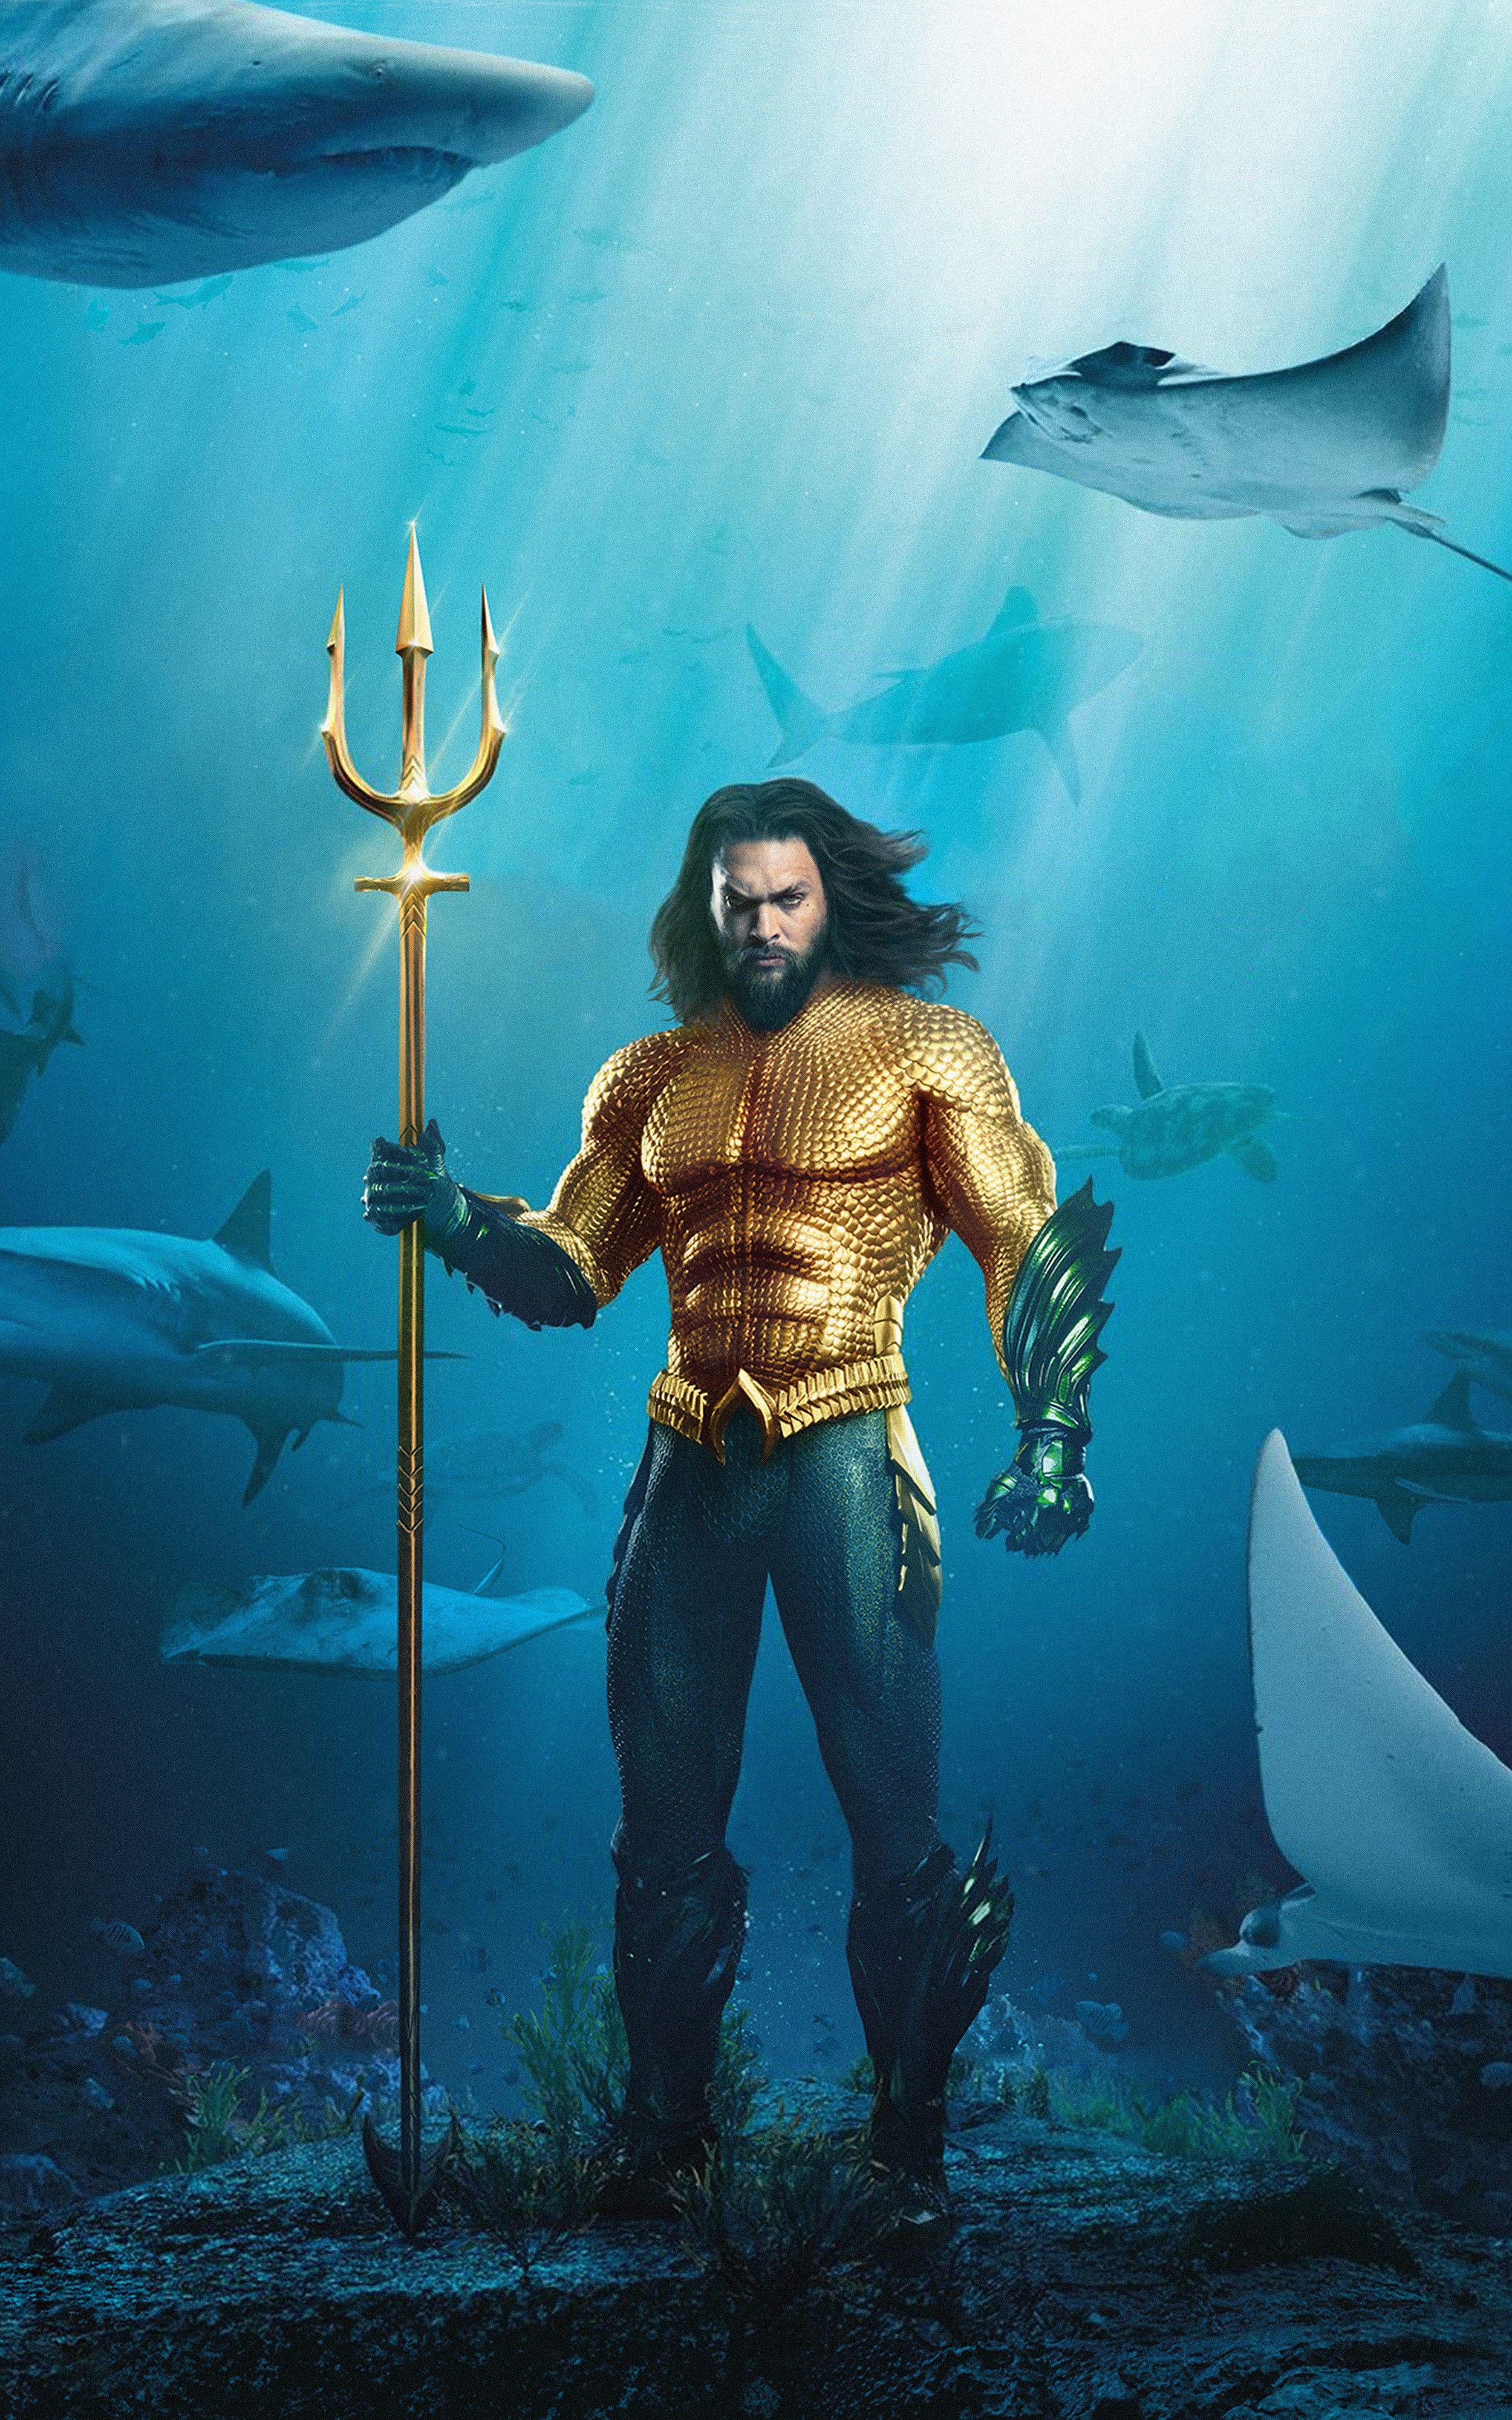 Download Hd Desktop Wallpapers For Your Desktop Pcs Wallpaper Hubs Aquaman Pelicula Superhéroes Dc Superhéroes Marvel